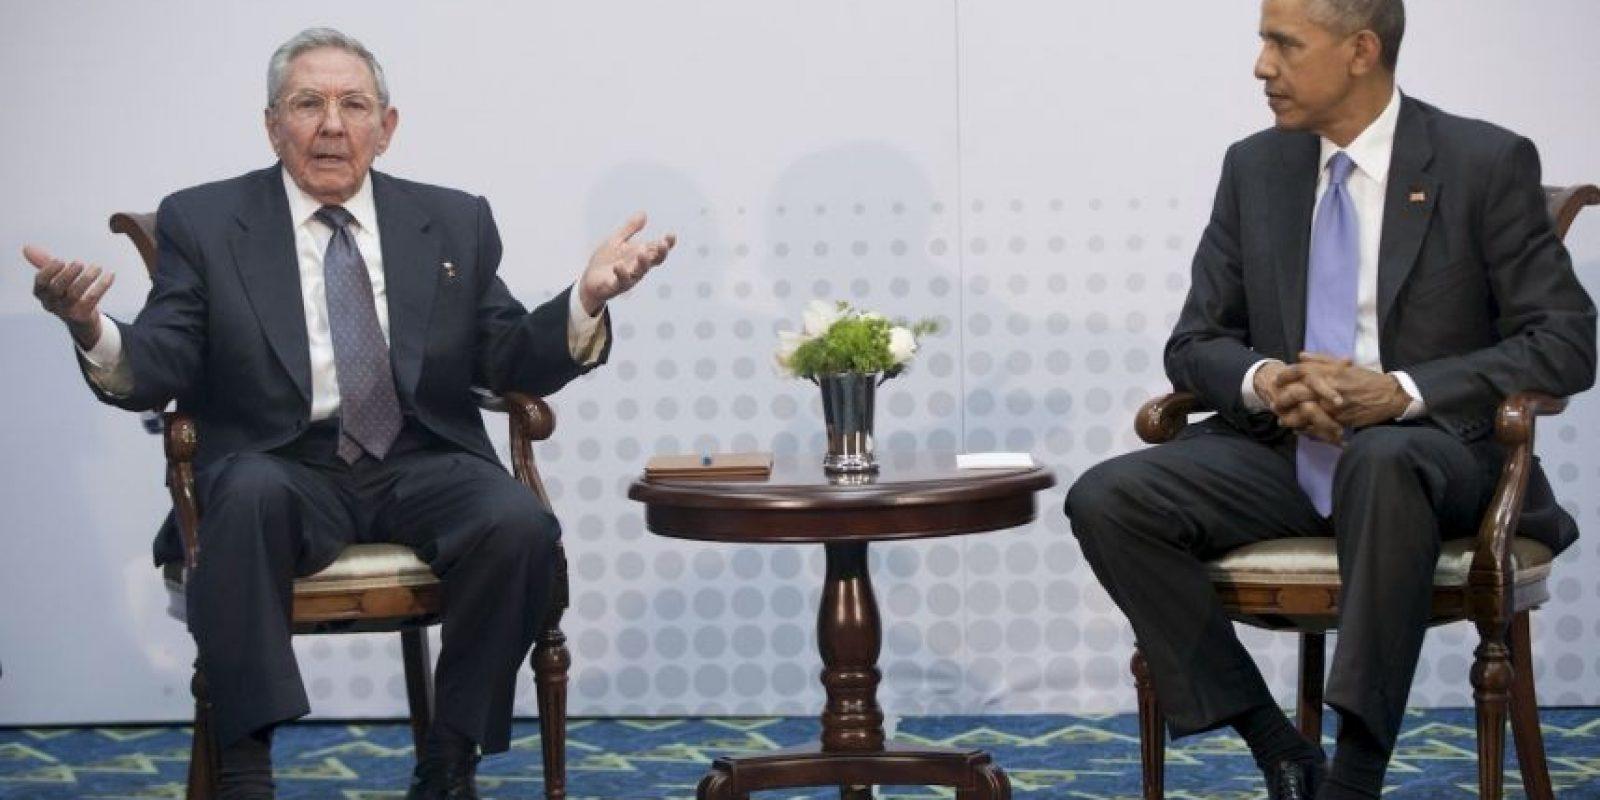 Por su parte, el presidente cubano Raúl Castro aseguró que todo se puede discutir con mucho respeto como dijo el presidente Obama Foto:AP